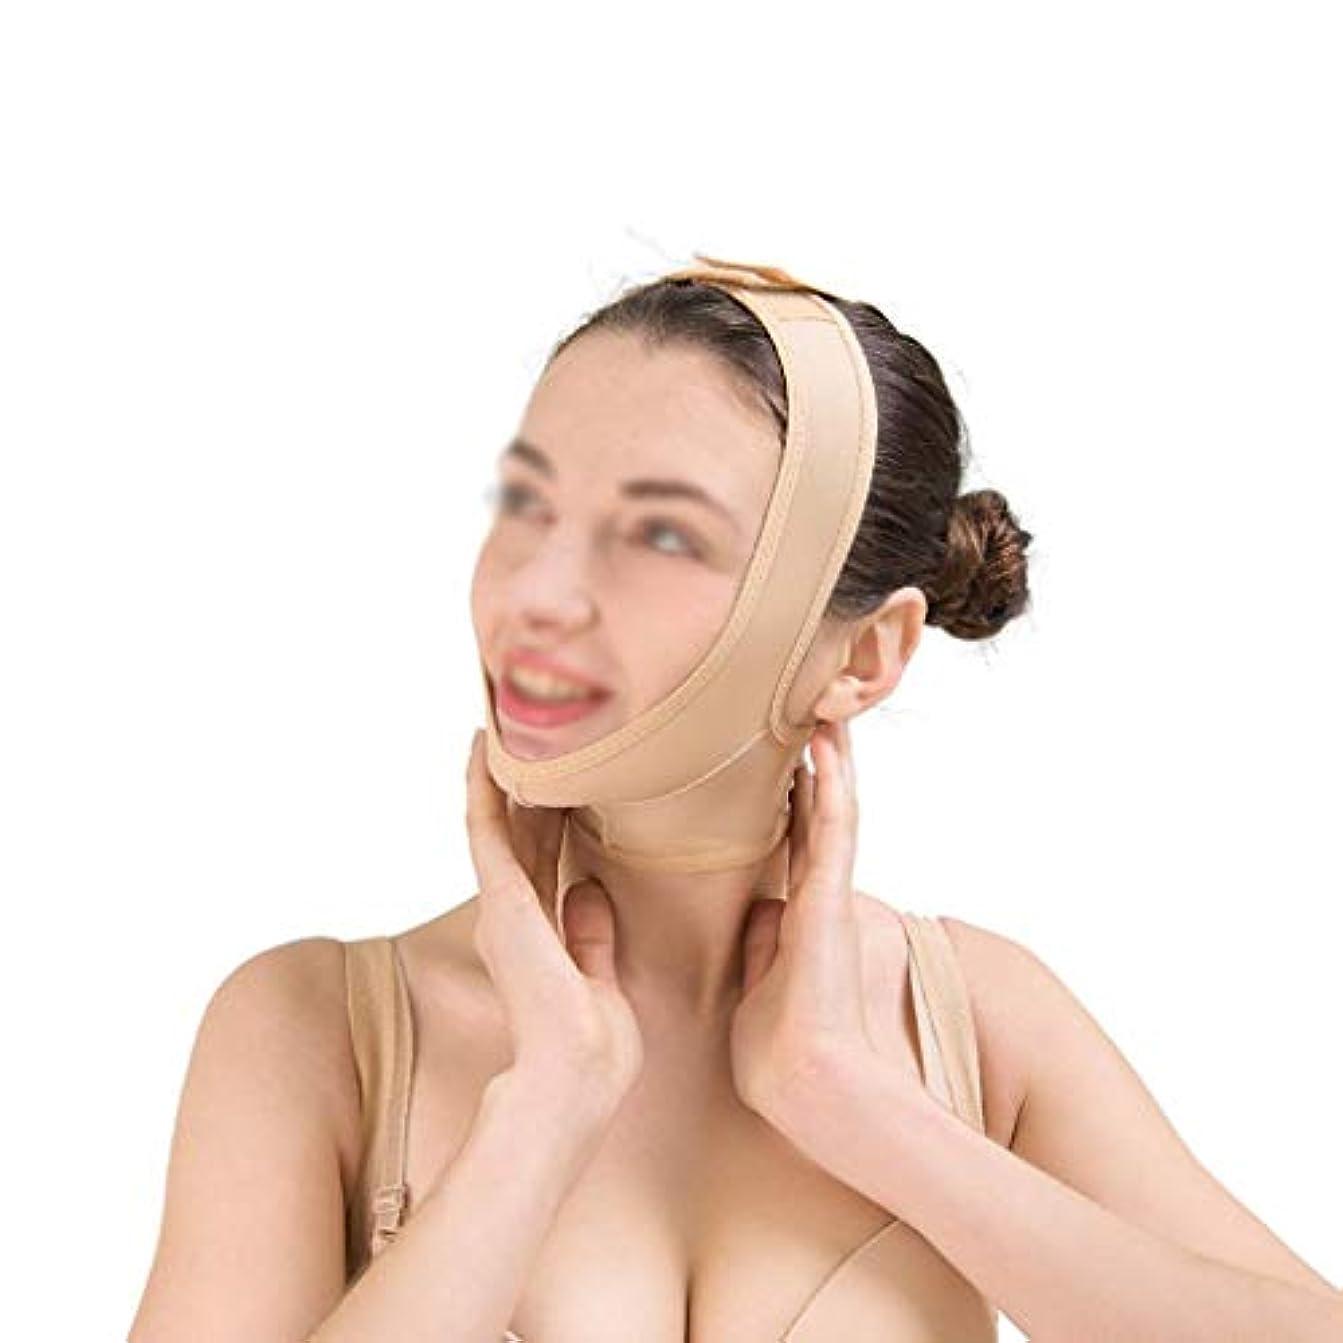 コーナーデータムセメントダブルチンストラップ、包帯の持ち上げ、肌の包帯の持ち上げと引き締め フェイスマスク、快適で 顔の持ち上がるマスク(サイズ:S),S